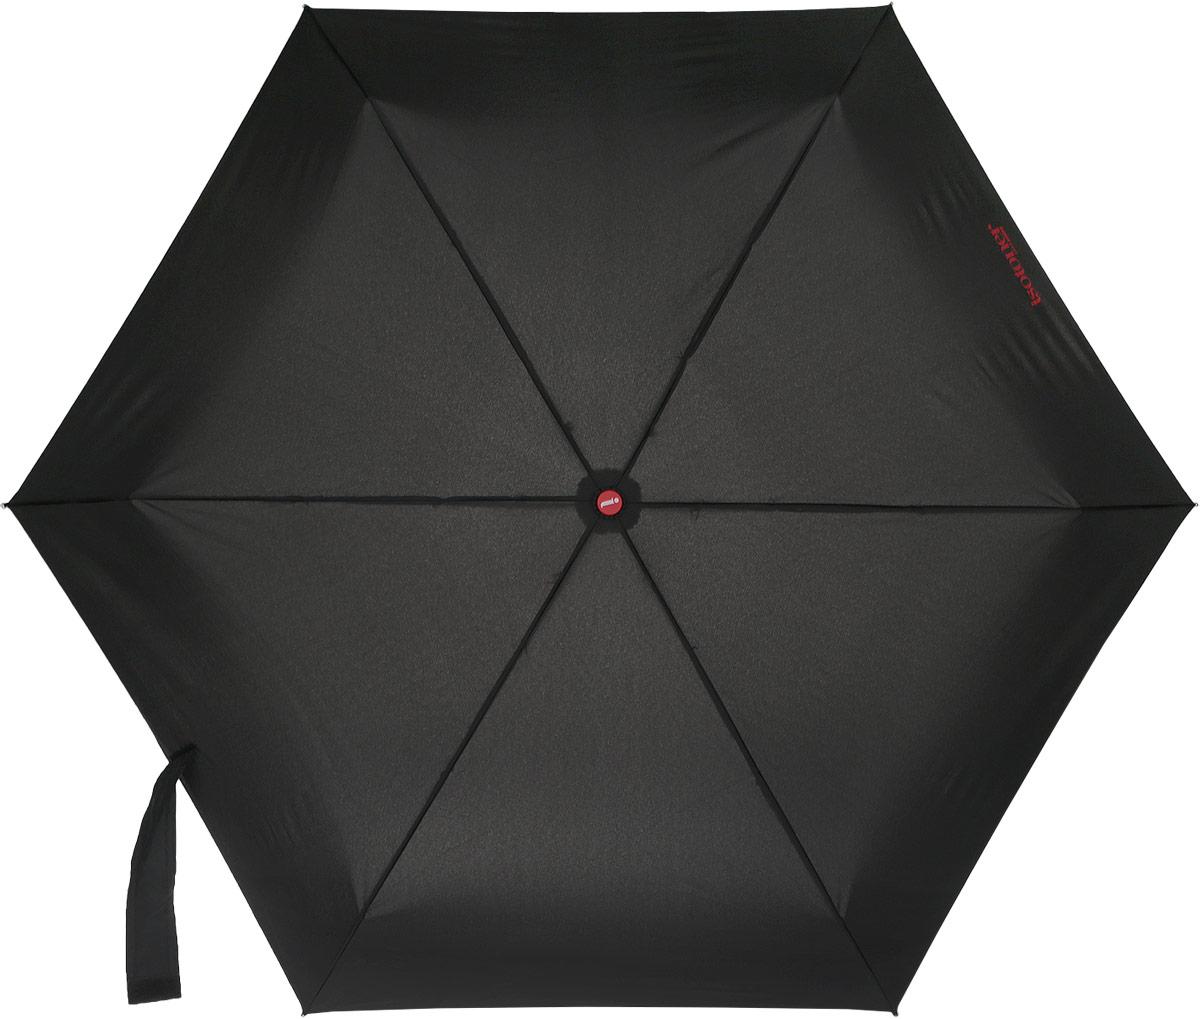 Зонт мужской Isotoner, автомат, 4 сложения, цвет: черный. 09450-702709450-7027_Практичный мужской зонт Isotoner оформлен изображением логотипа бренда. Каркас зонта оснащен технологией повышенной прочности X-tra Solide, содержит шесть спиц из алюминия и стеклопластика, а также дополнен удобной рукояткой. Зонт имеет автоматический механизм в 4 сложения: купол открывается и закрывается нажатием кнопки на рукоятке, стержень складывается вручную до характерного щелчка, благодаря чему открыть и закрыть зонт можно одной рукой, что чрезвычайно удобно при входе в транспорт или помещение. Купол зонта выполнен из прочного полиэстера. Рукоятка дополнена эластичной петлей. Стильный зонт - незаменимая вещь в гардеробе каждого мужчины. Он не только надежно защитит от дождя, но и станет прекрасным дополнением к вашему образу.